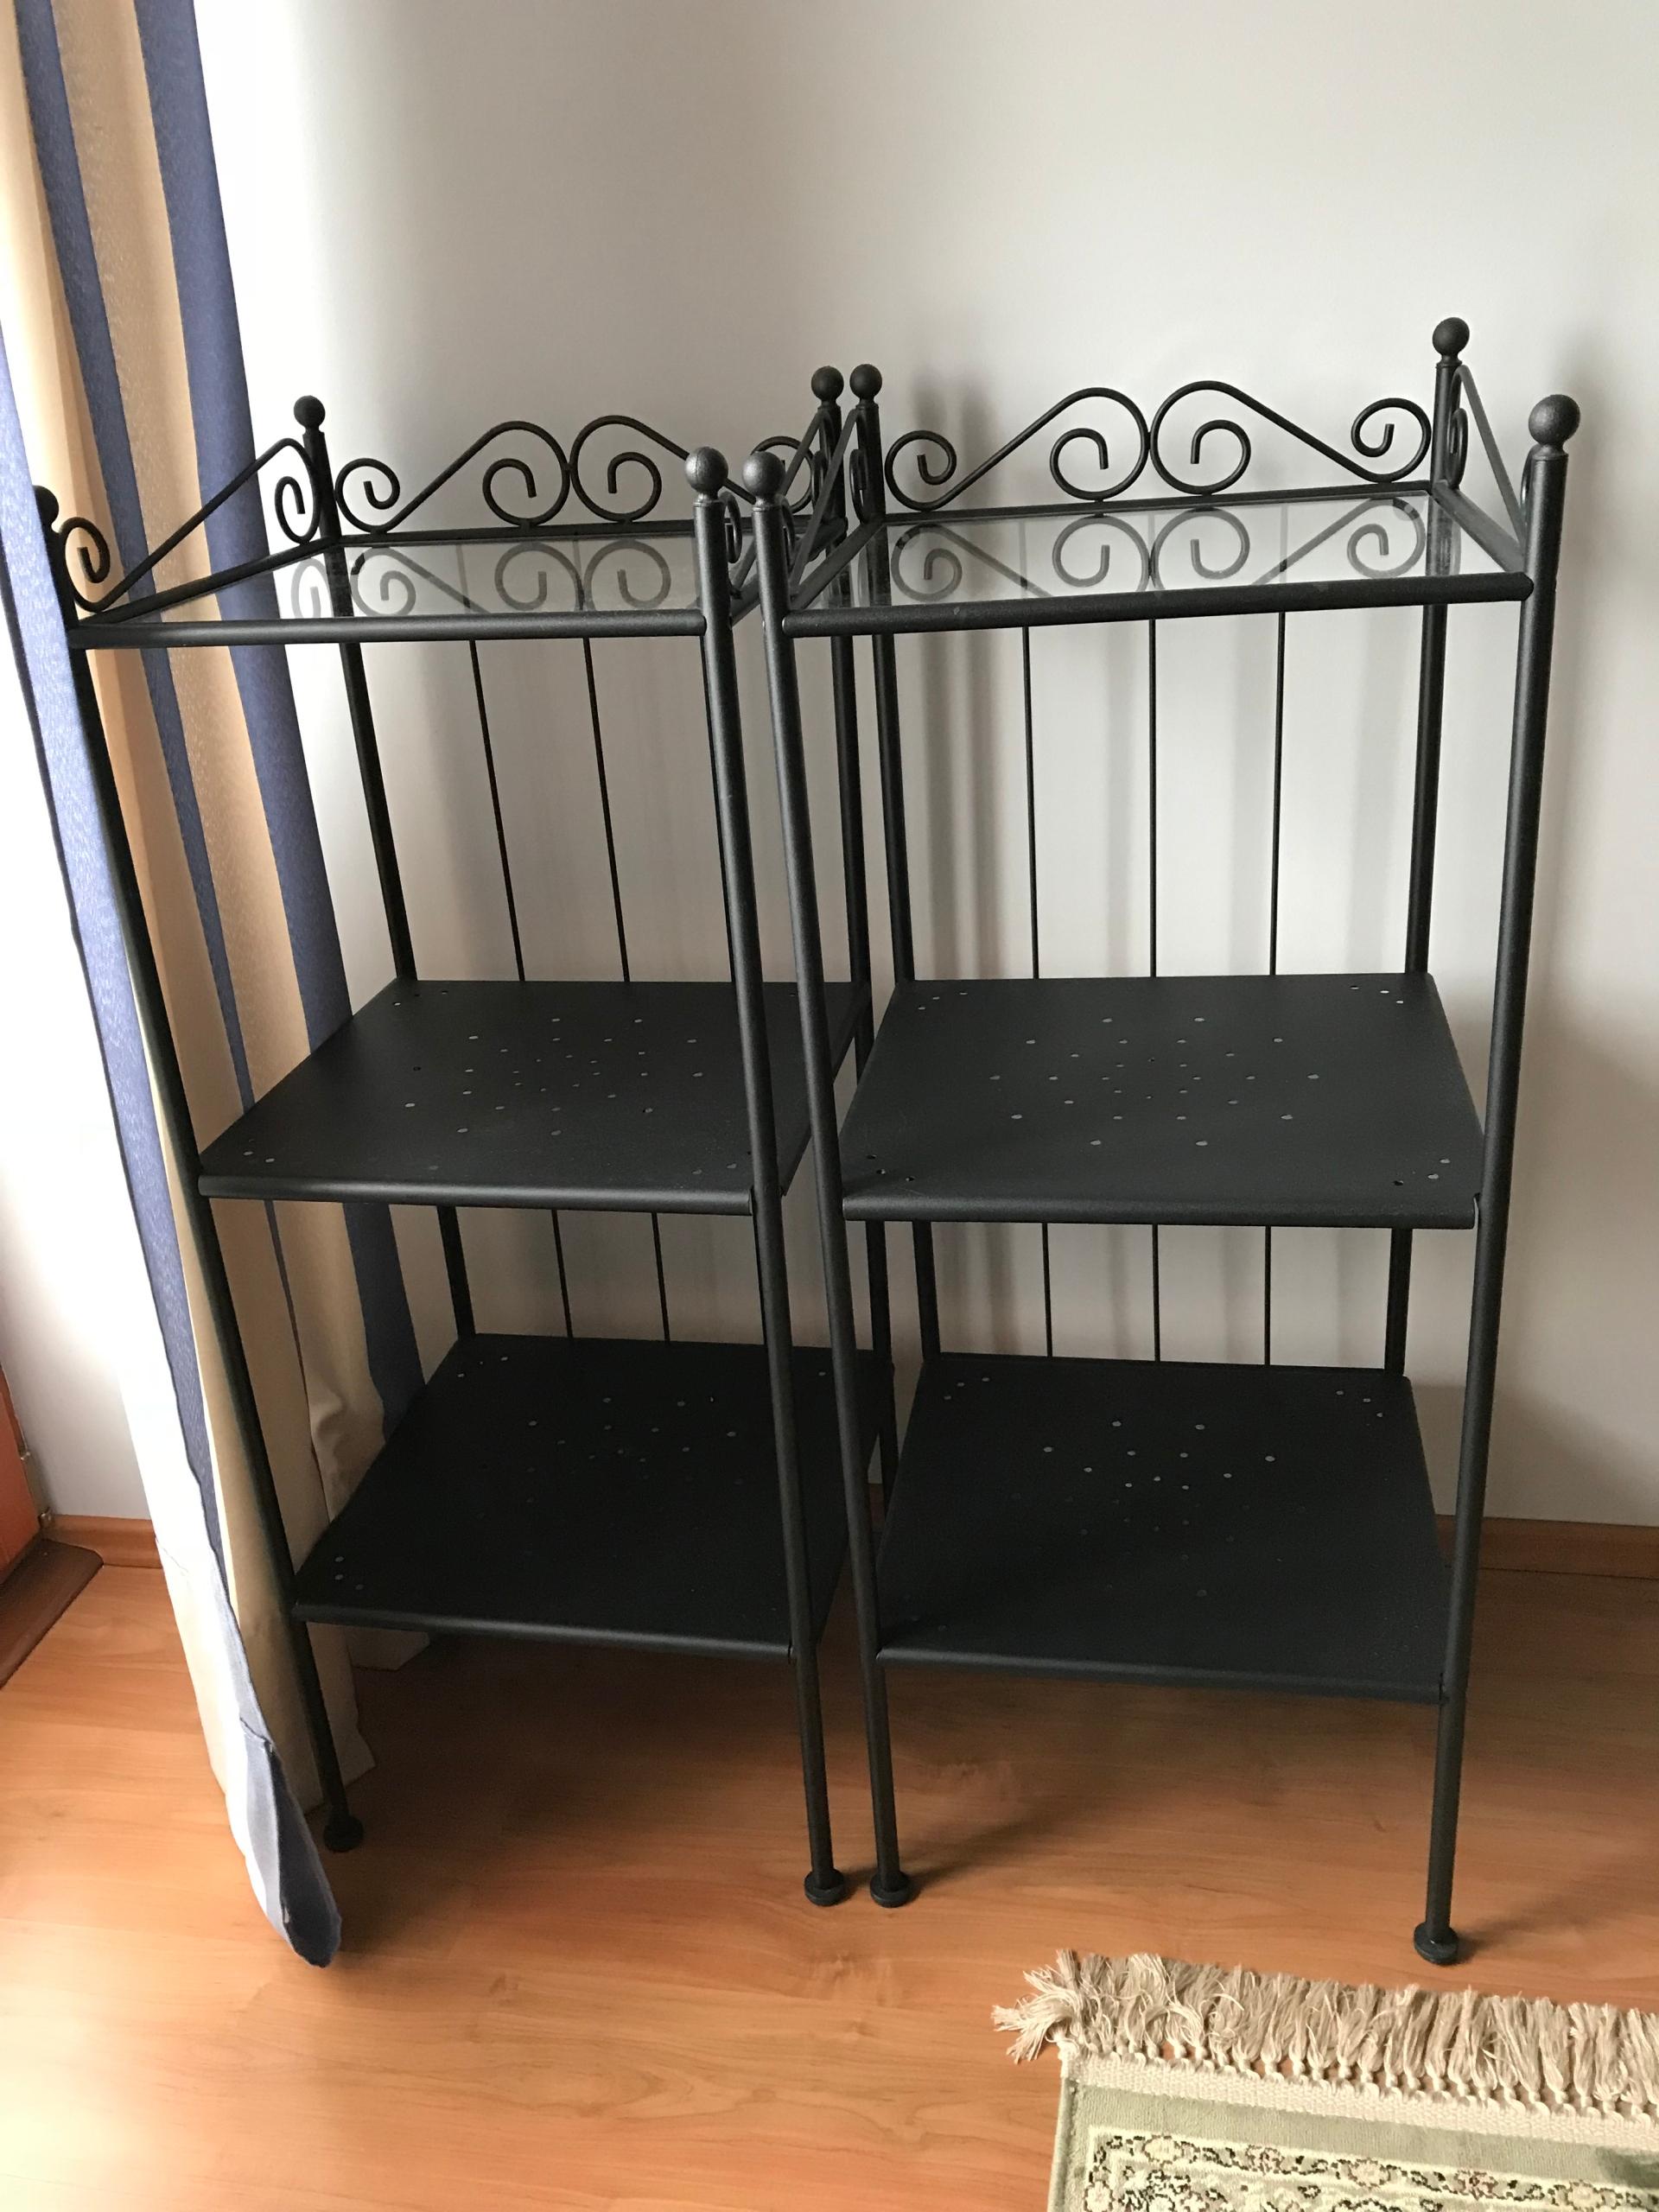 W Ultra Szafka łazienkowa IKEA metaloplastyka - 7453324041 - oficjalne DR58